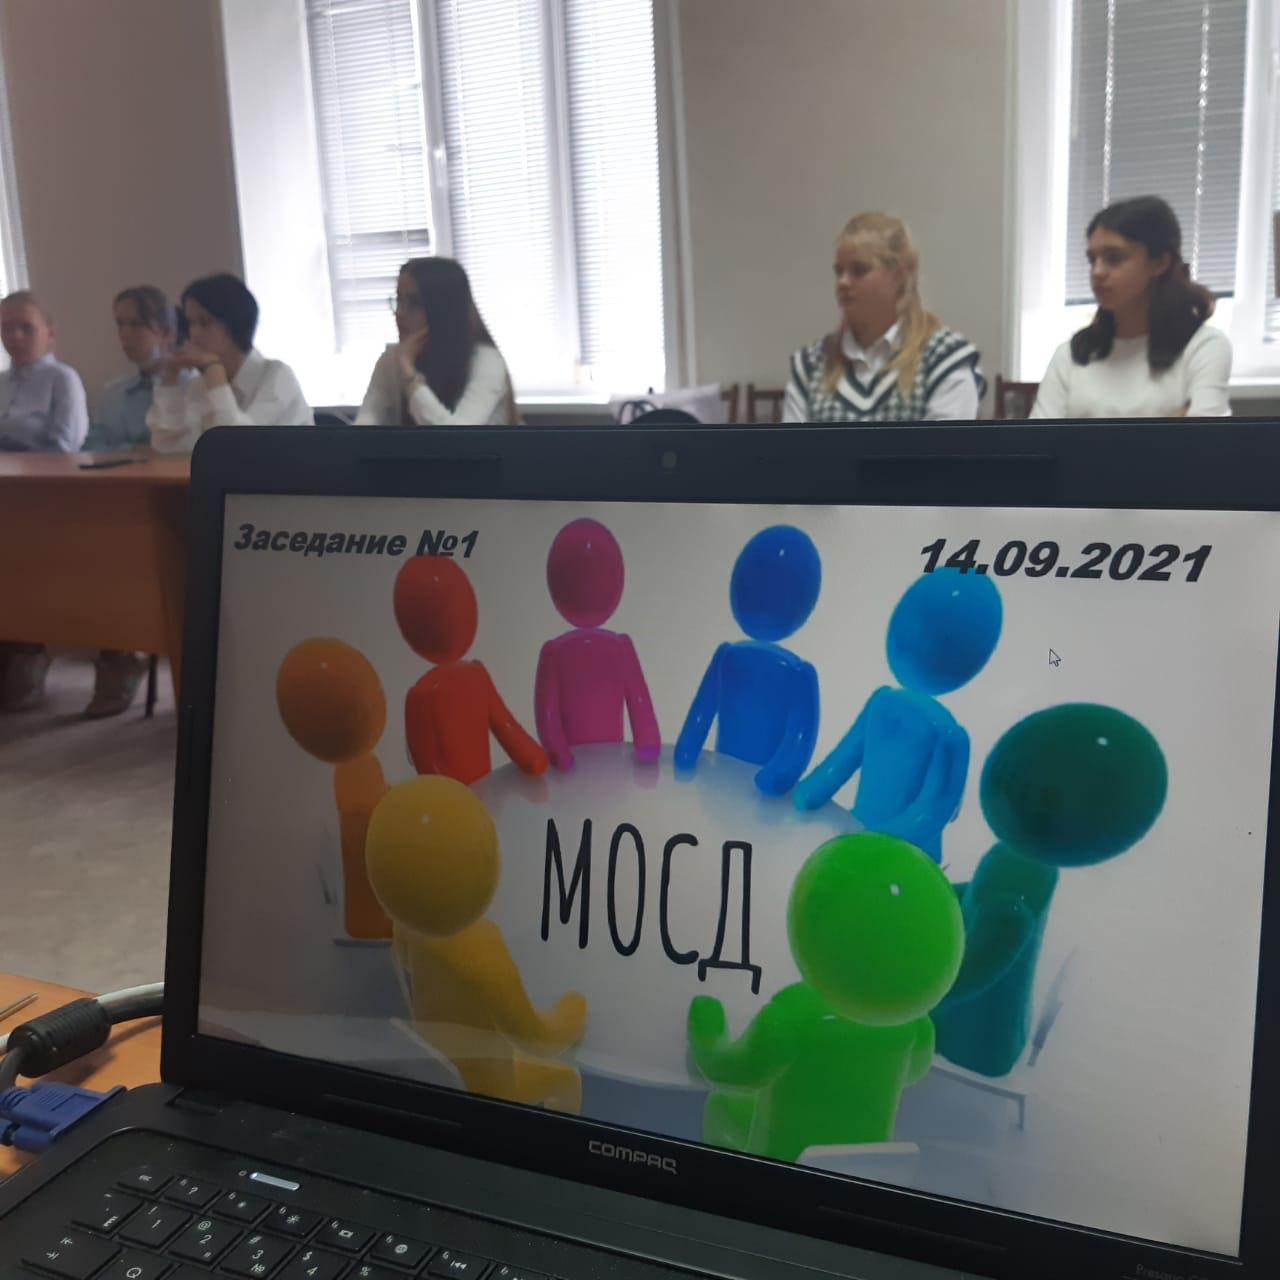 14 сентября в здании управления образования состоялось первое в этом учебном году заседание Муниципального общественного совета детей